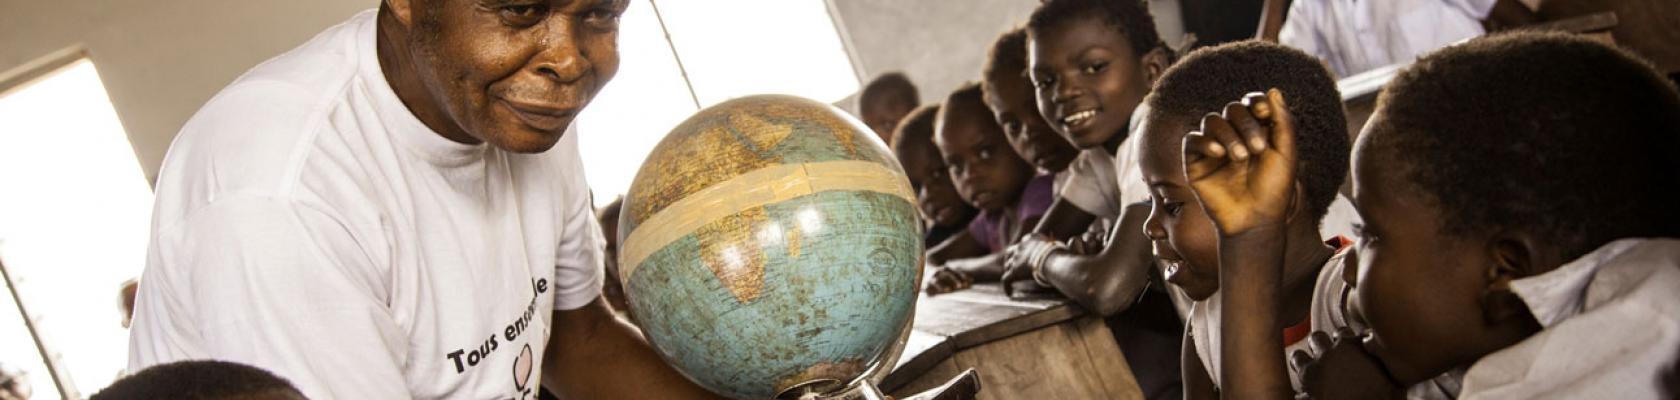 Une planète dans la classe en RDC